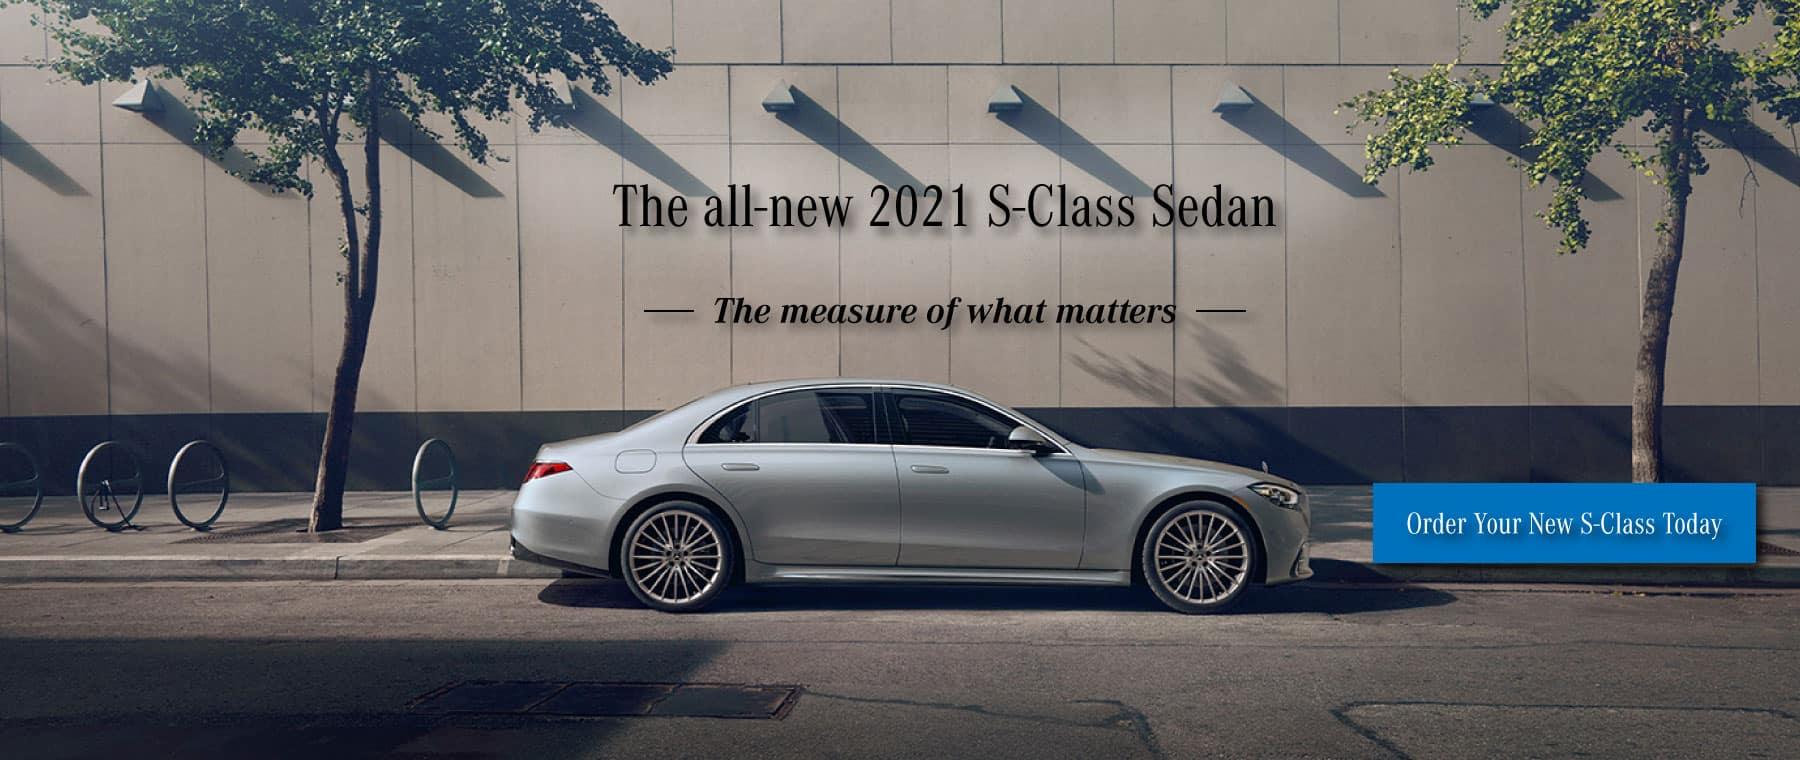 Keenan Motors Mercedes-Benz 2021 S-Class Sedan